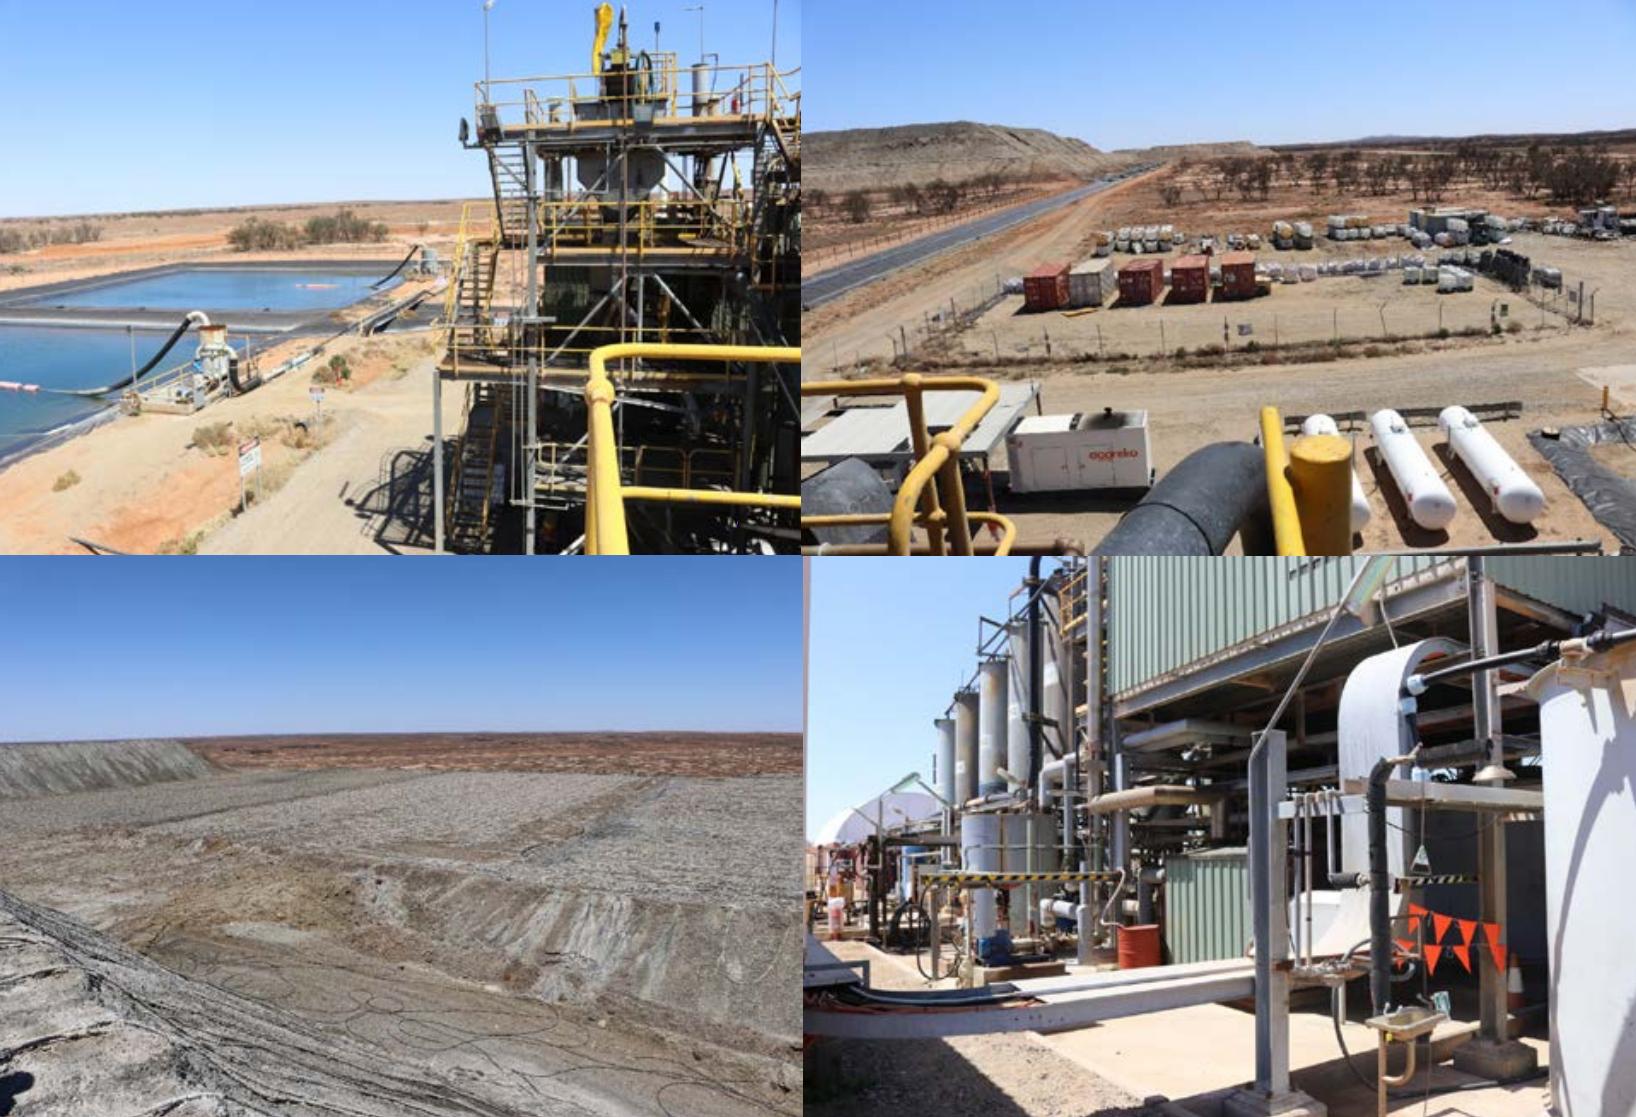 White Dam infrastructure